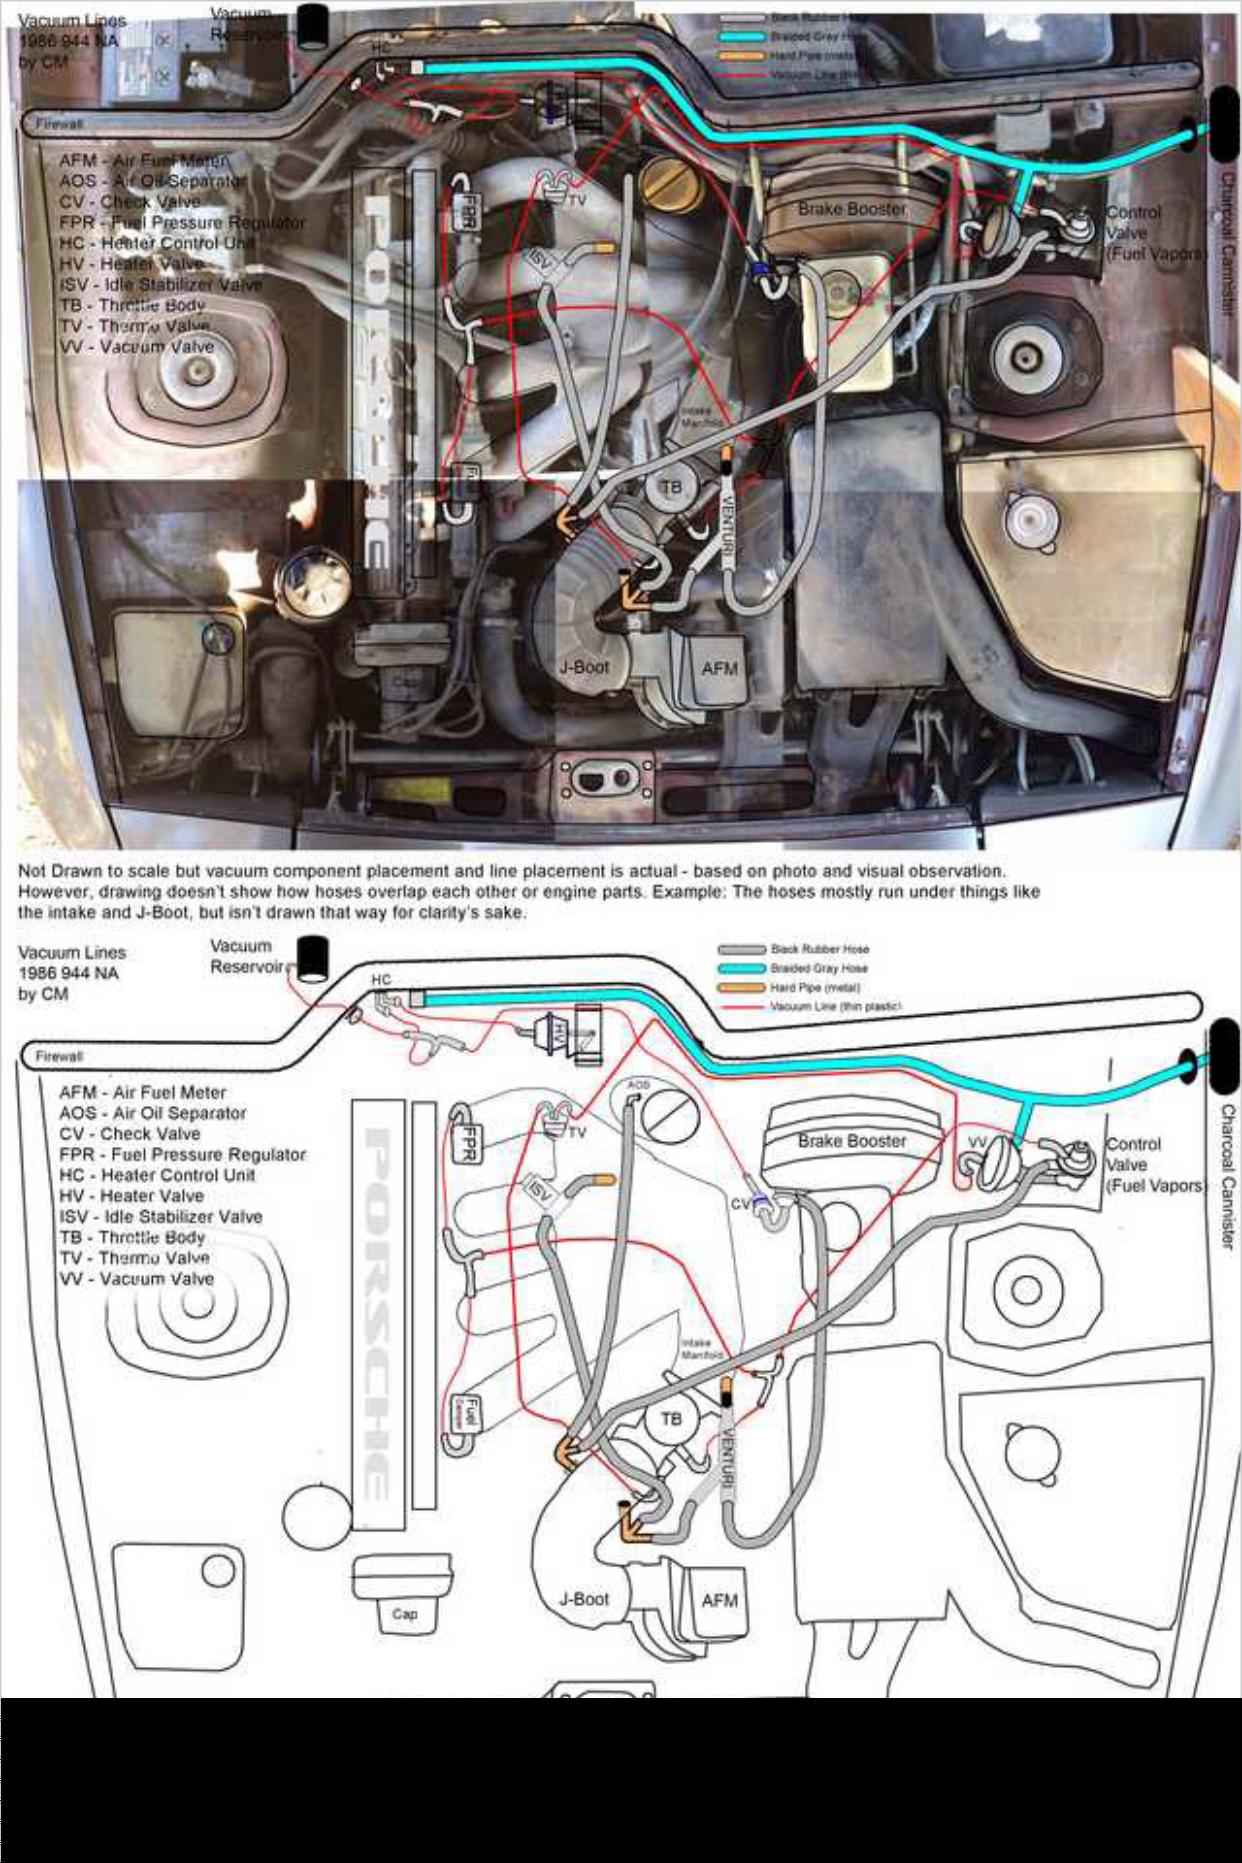 medium resolution of 1986 porsche 944 vacuum line diagram overlay porsche transaxles 1986 porsche 944 vacuum line diagram overlay